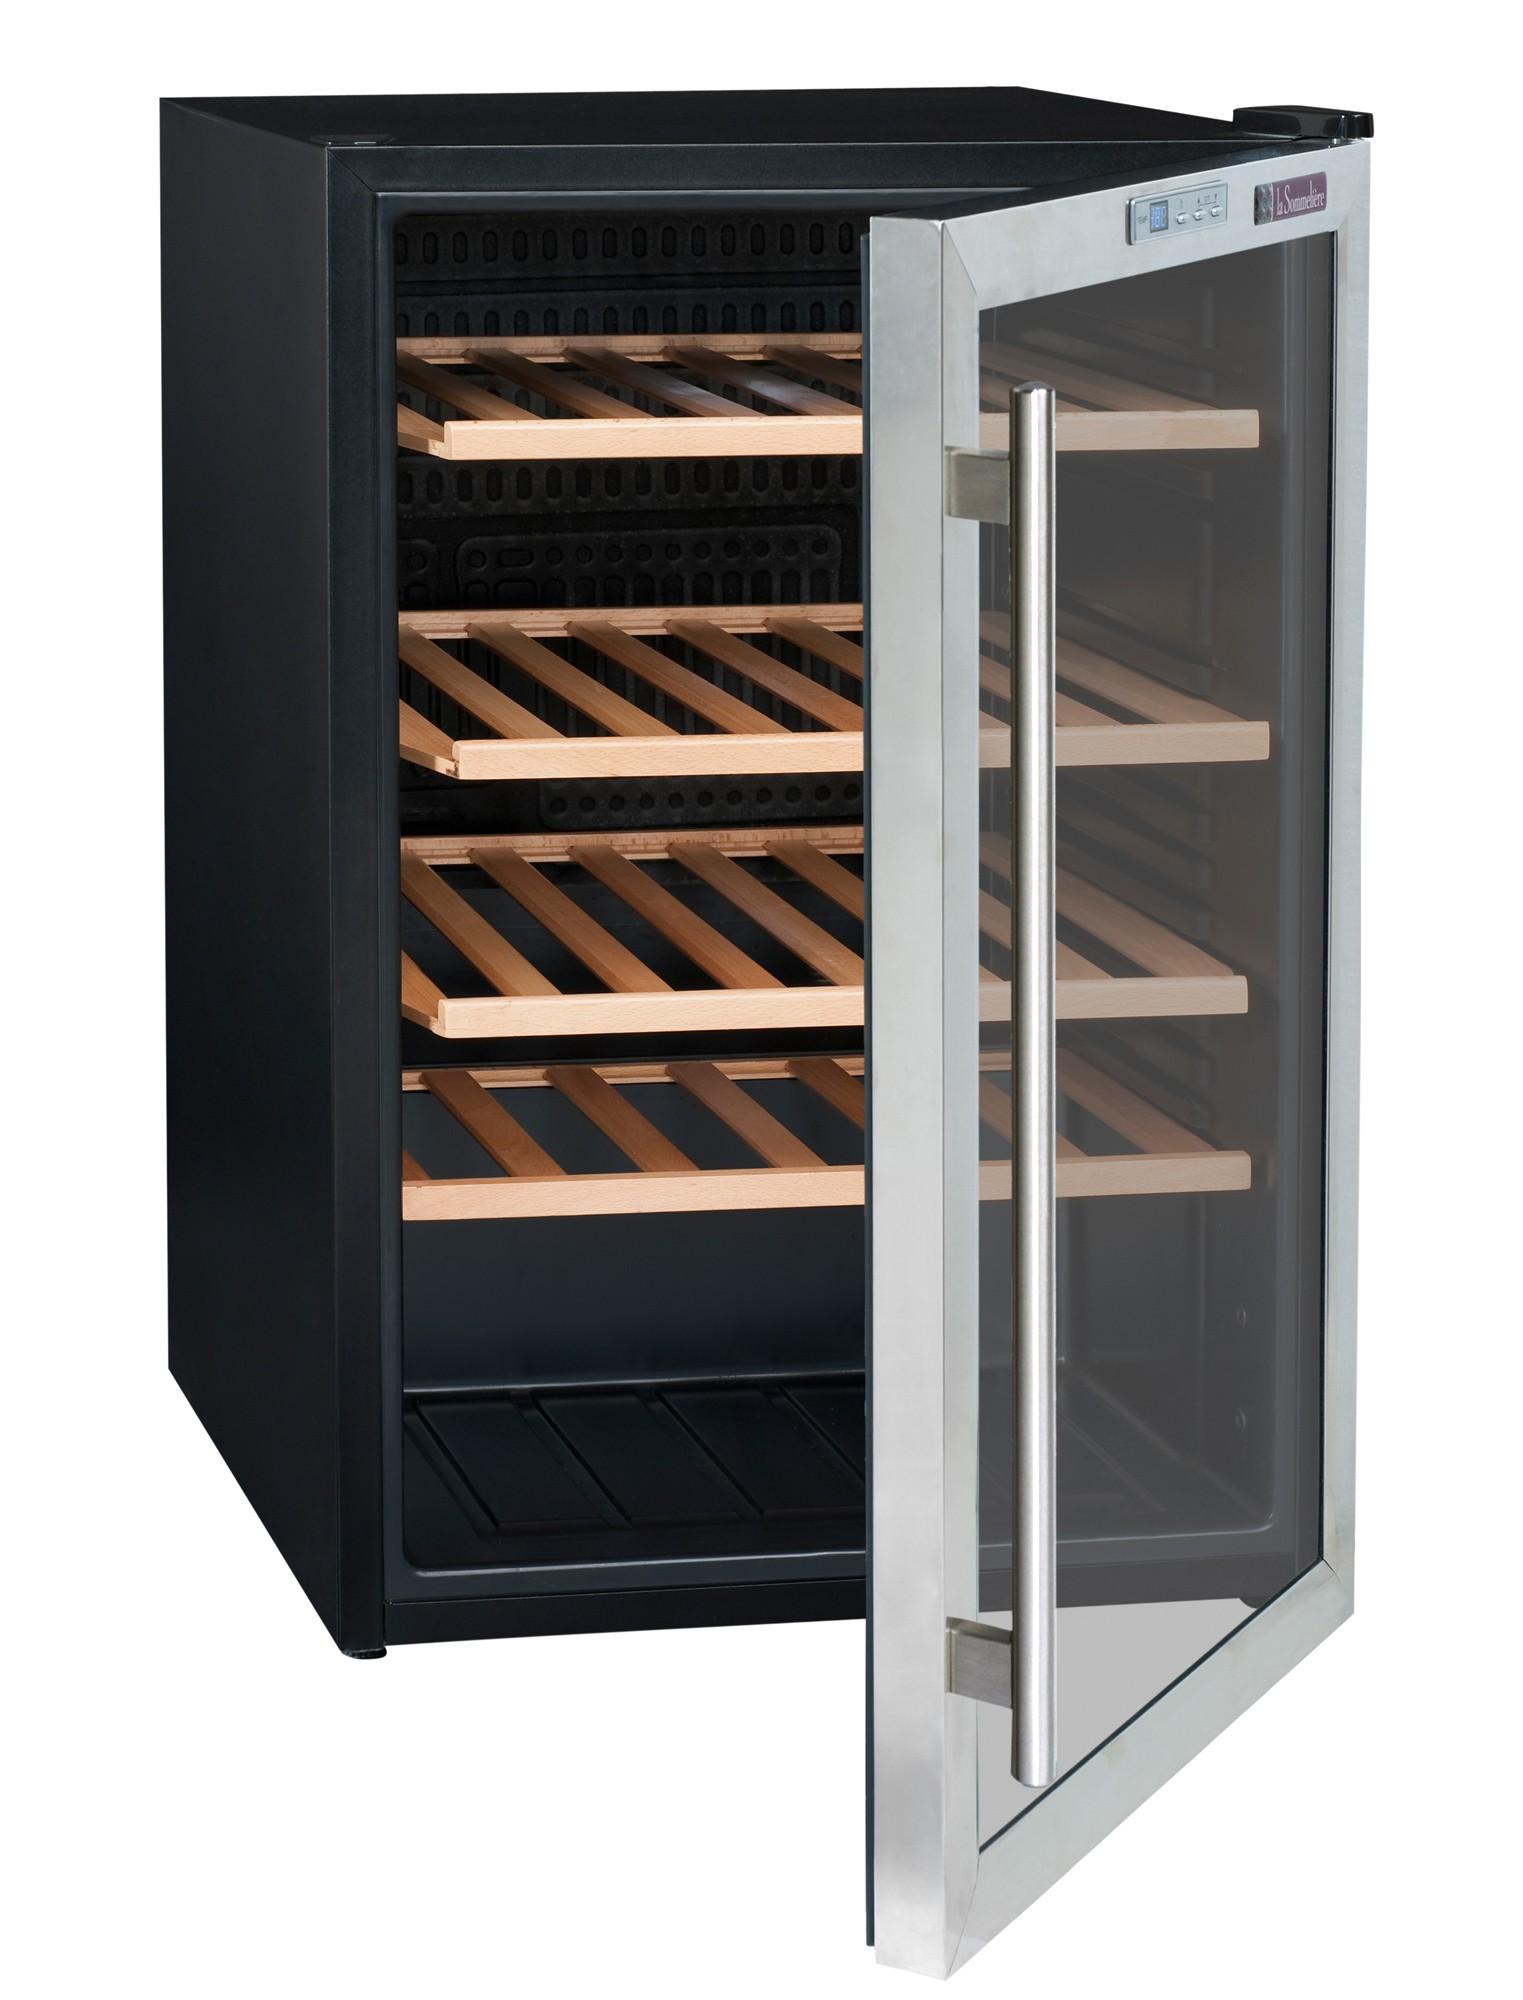 Vinoteca La Sommeliere Ls48 Vinoteca Es Wine Cooler